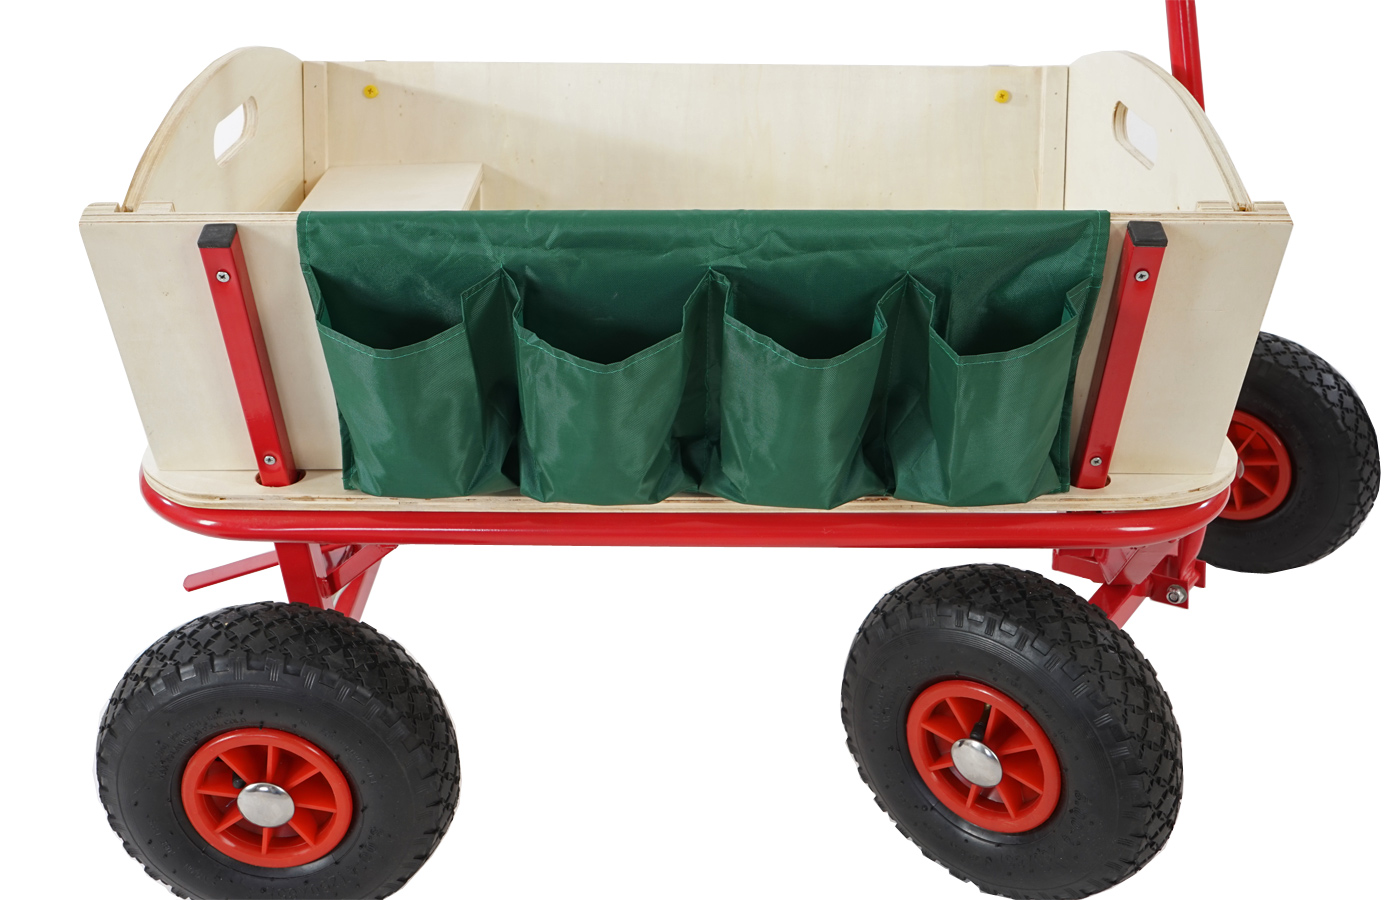 Bollerwagen Leiterwagen Oliveira Inkl Sitz Bremse Flaschenhalter